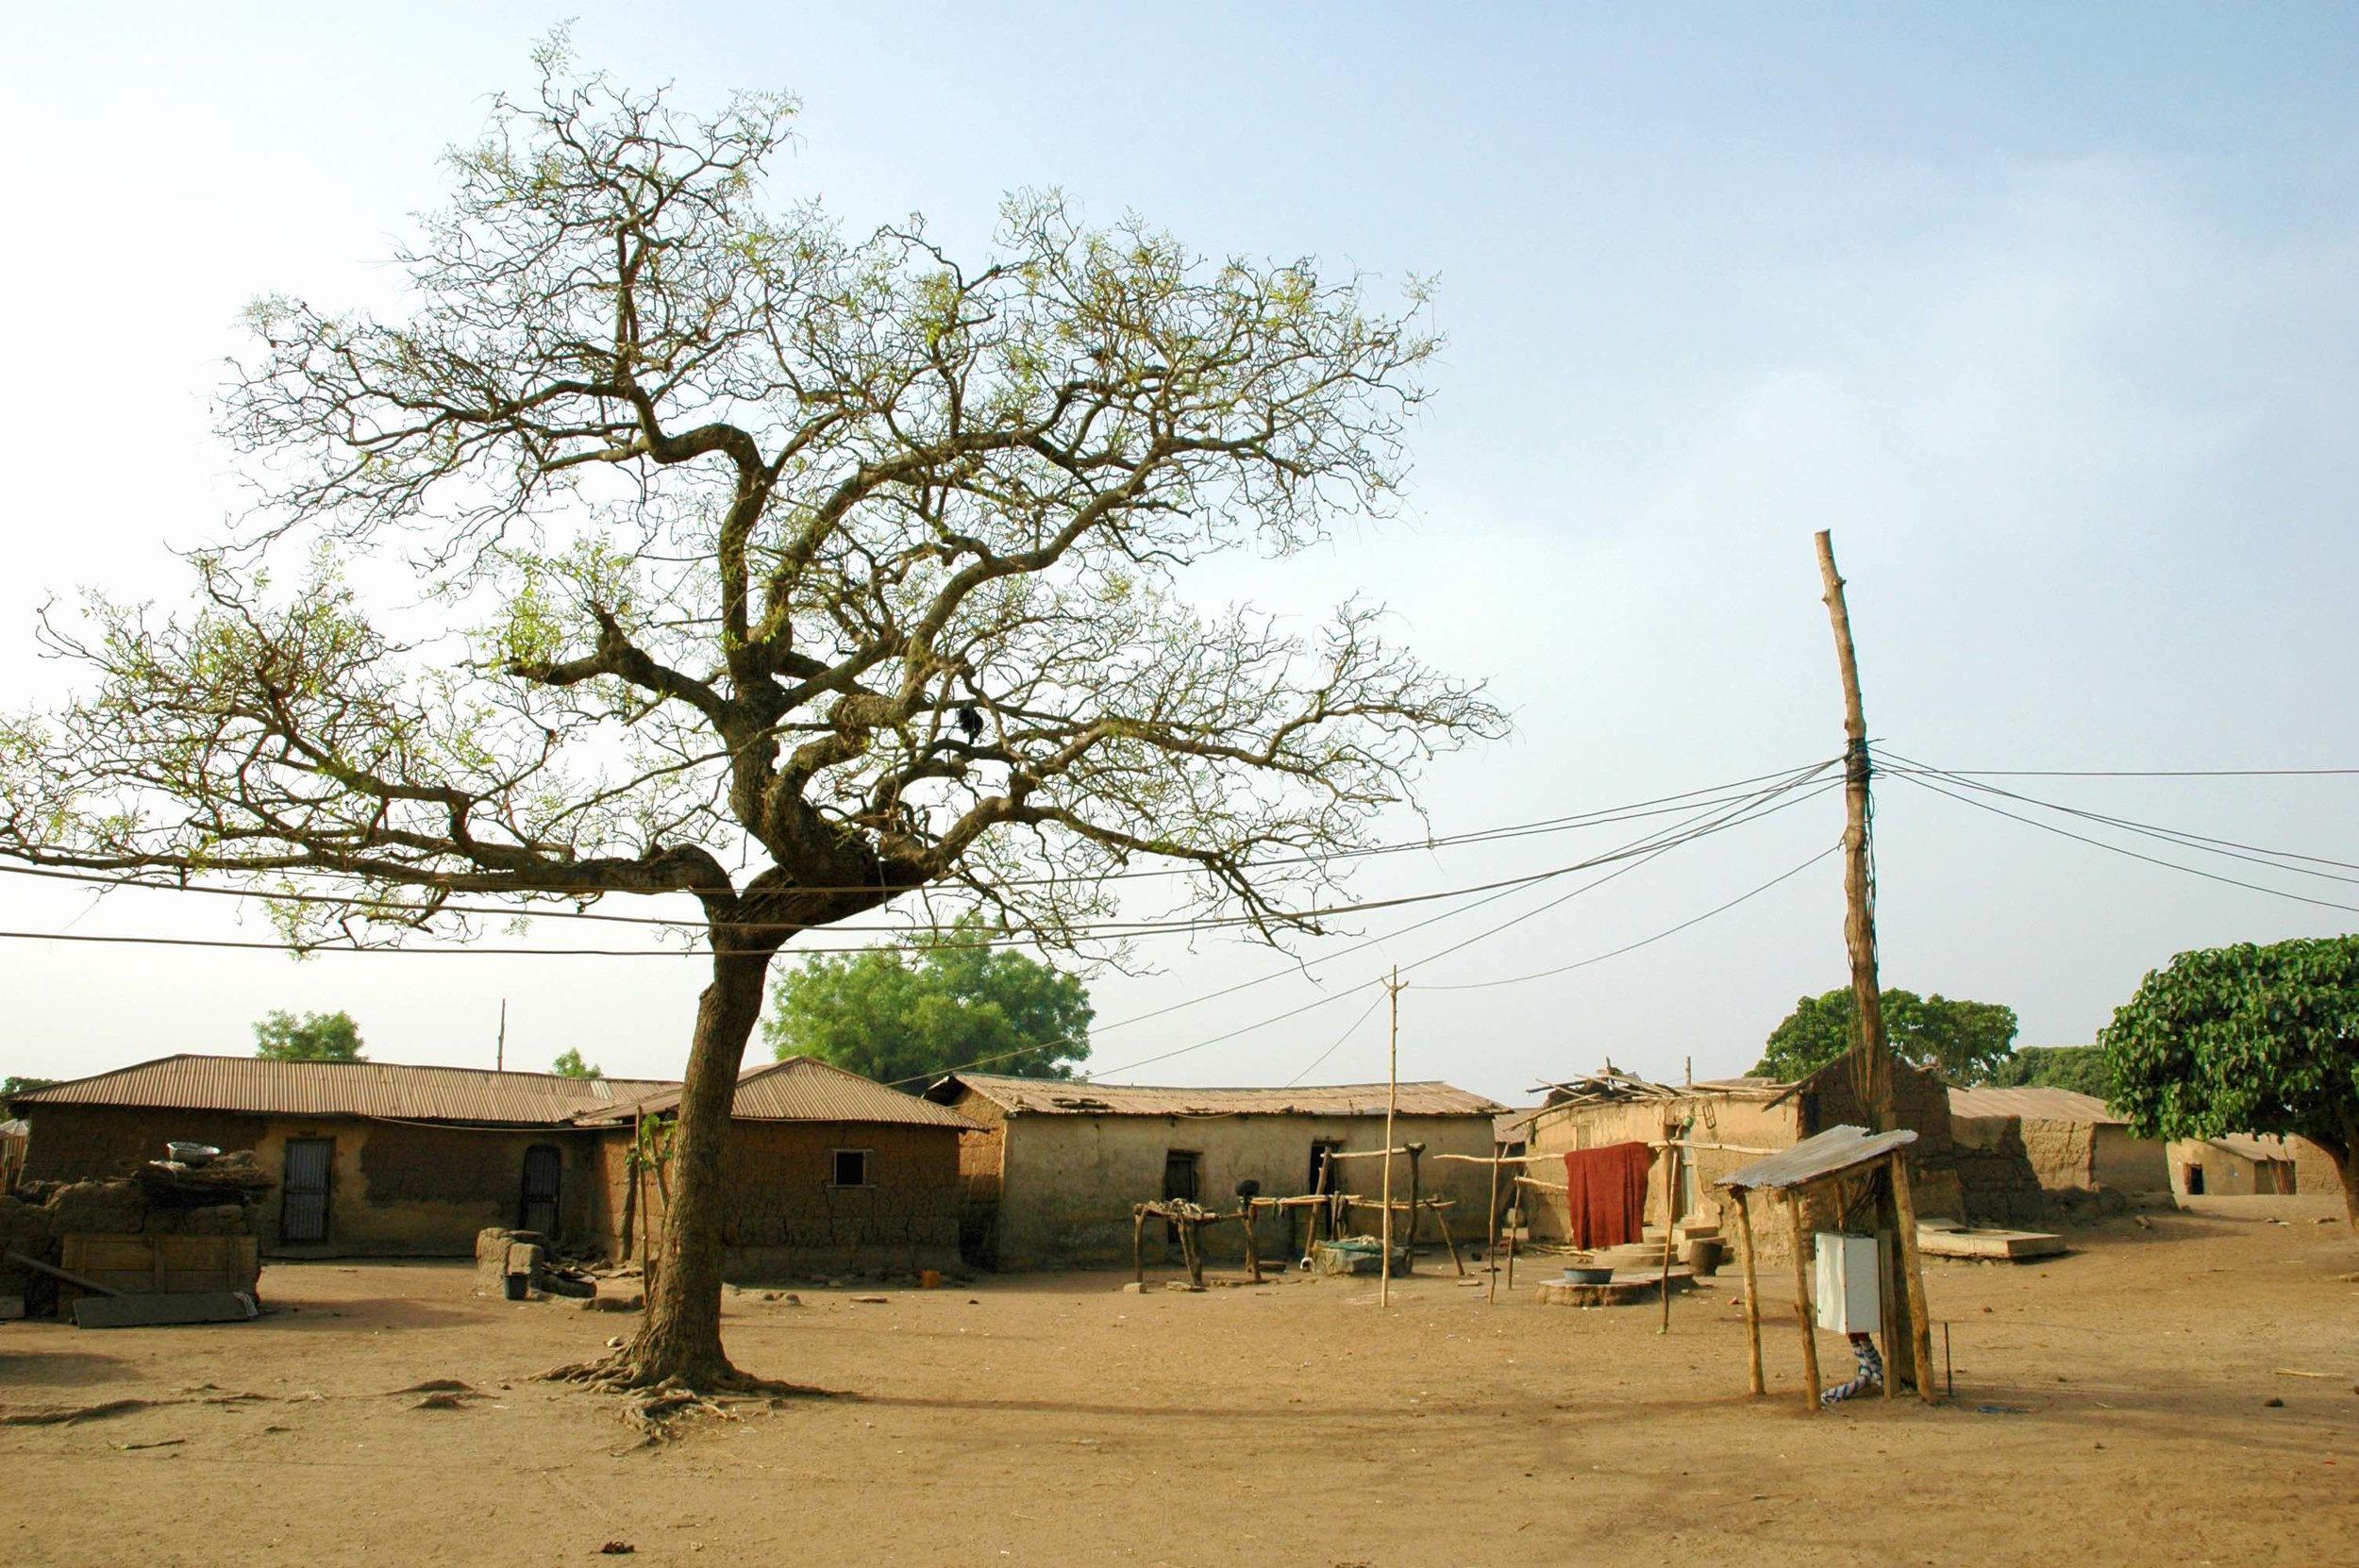 Notre réseau électrique fournit de l'électricité aux habitants d'Igbérè depuis septembre 2015